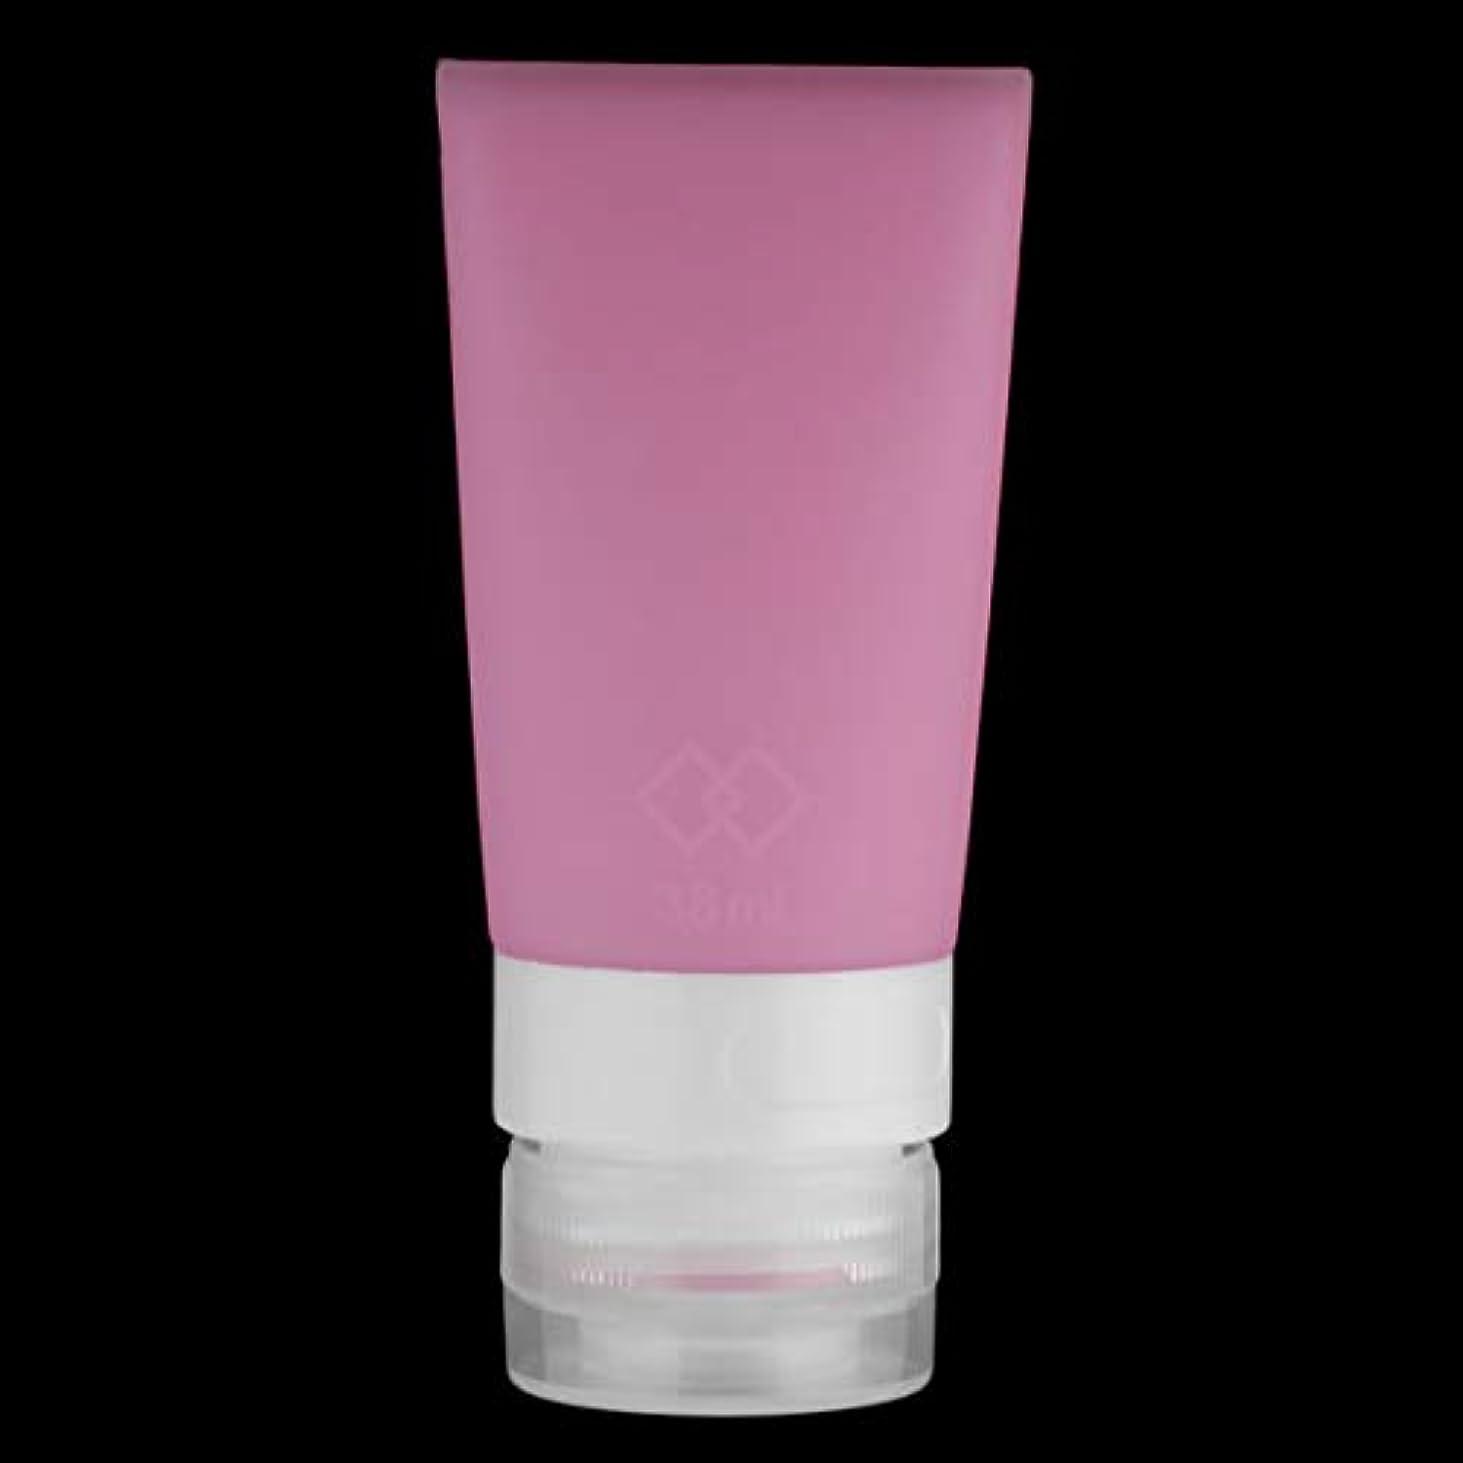 メイト算術派生するIntercoreyポータブル旅行空のボトルクリームローション化粧品チューブ香水容器